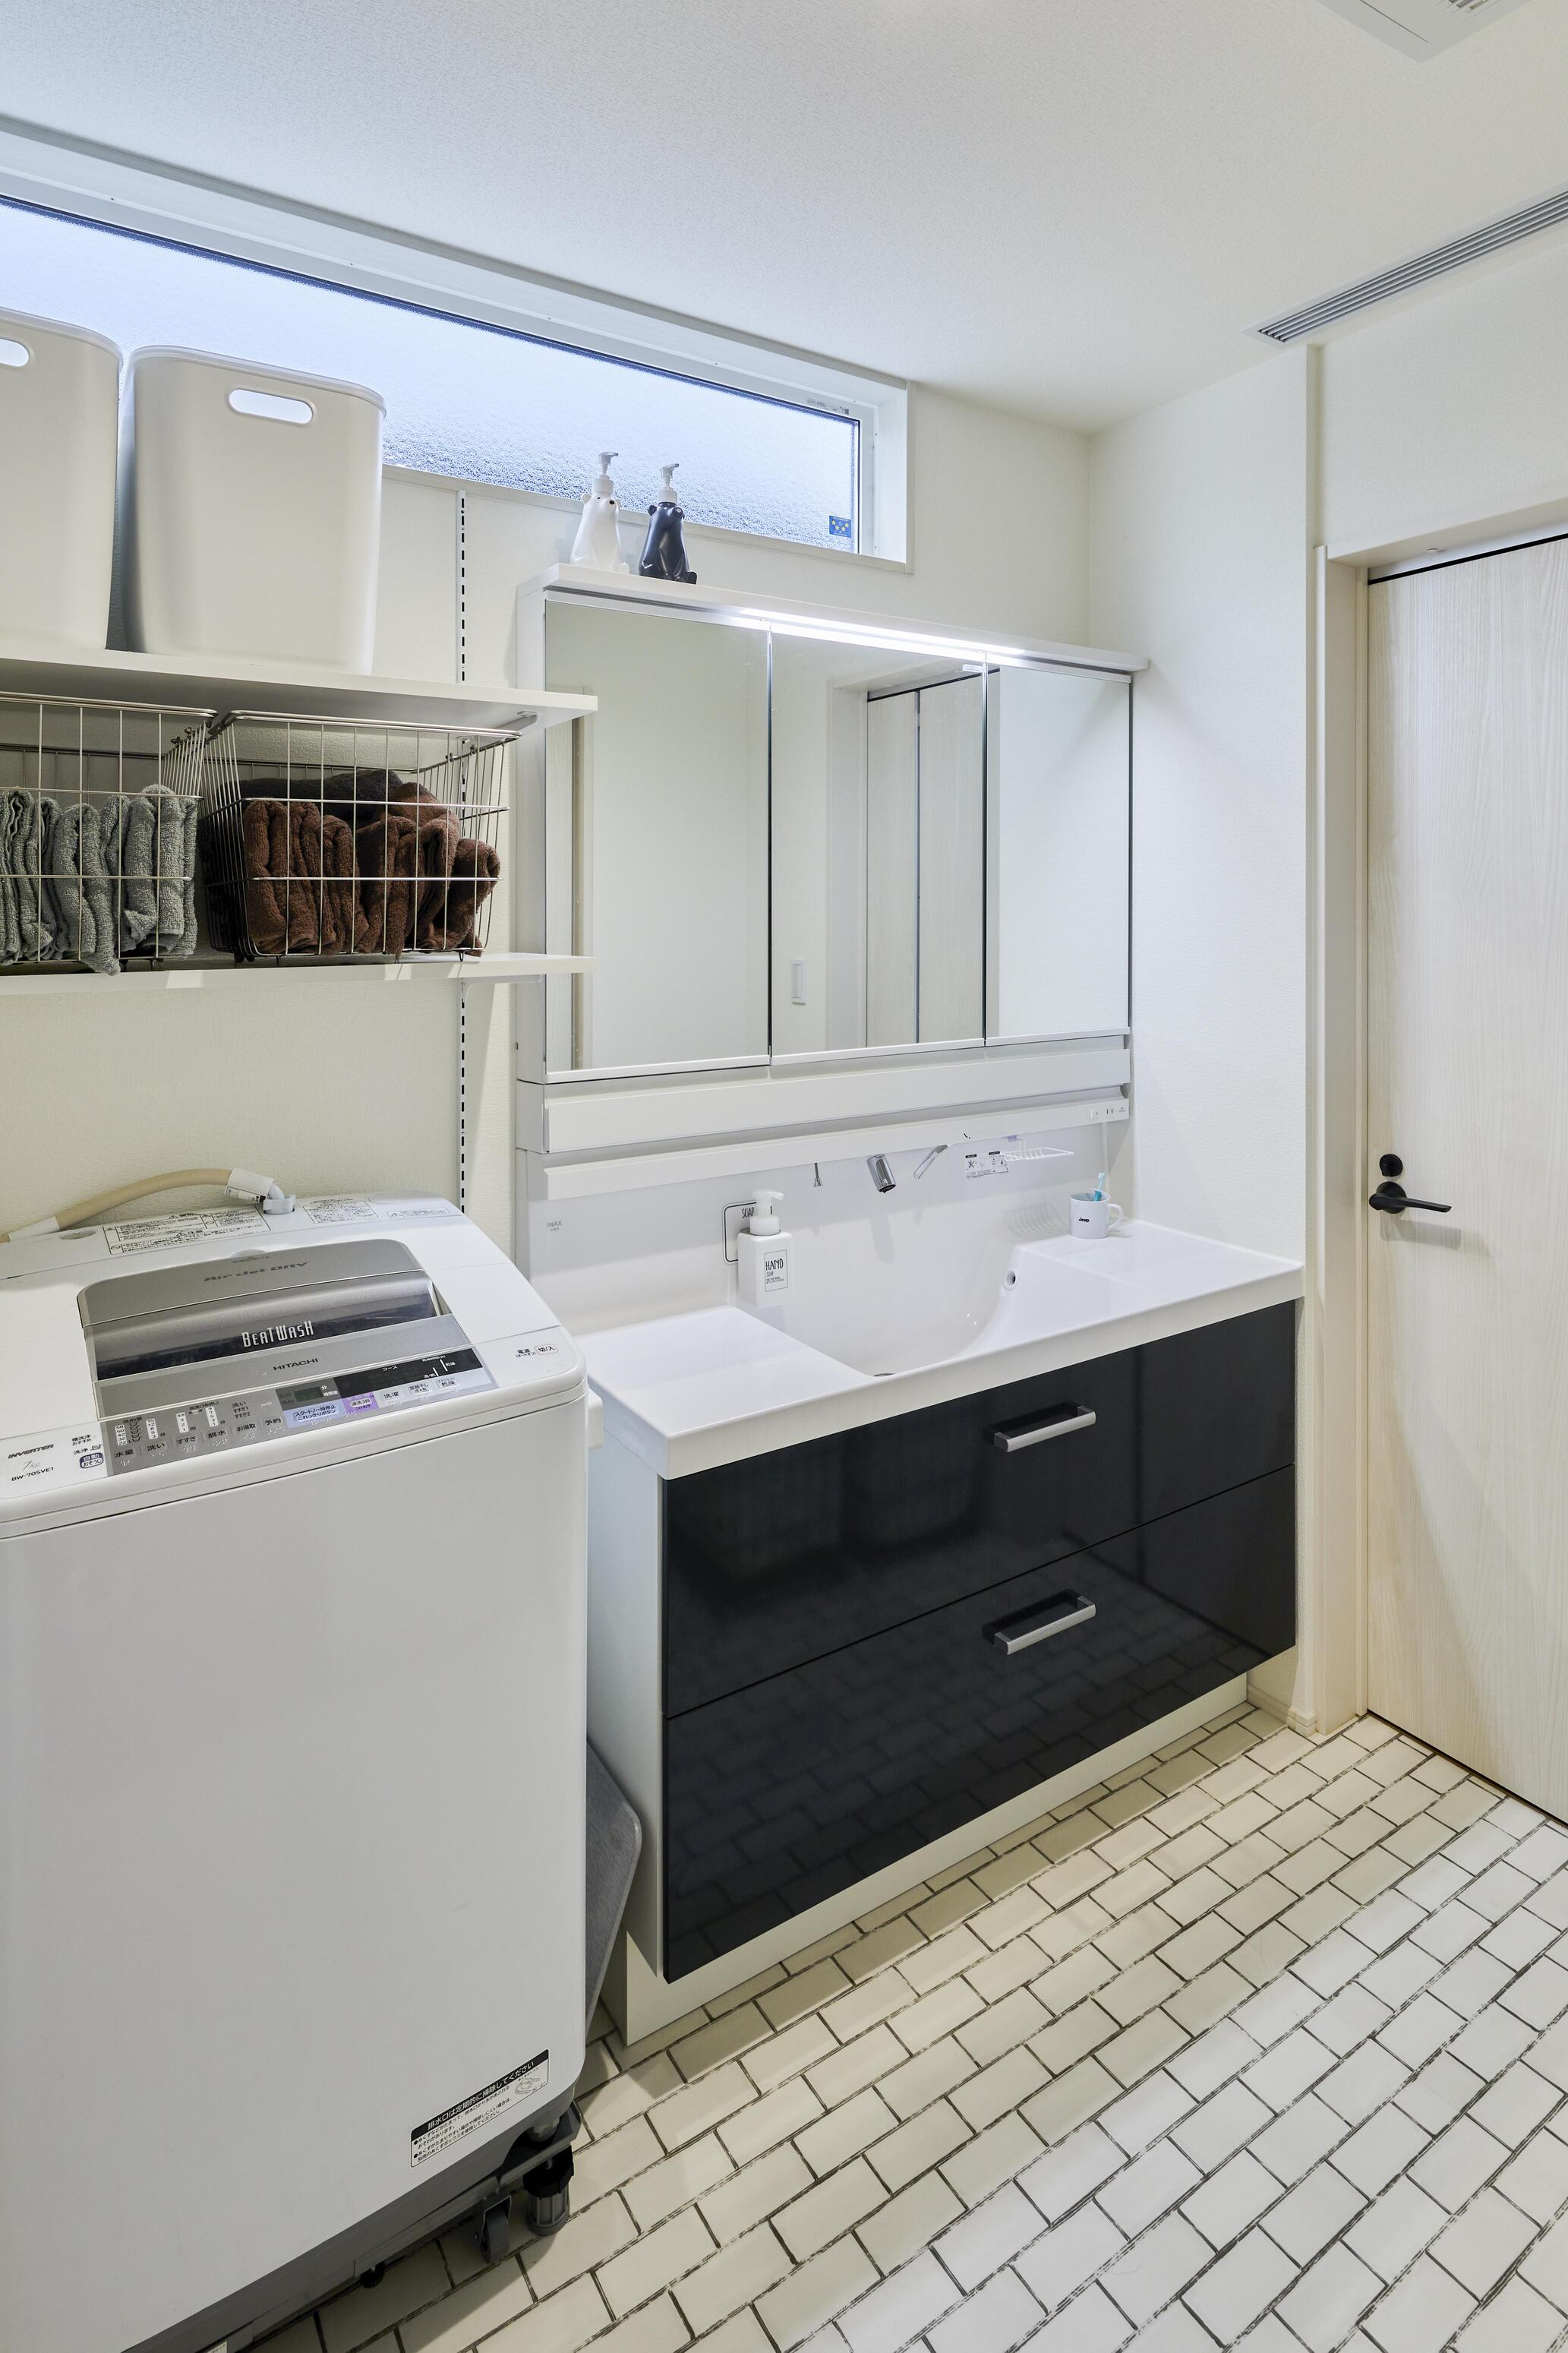 大きな洗面台で使い勝手が良く、ゆったりとした洗面所